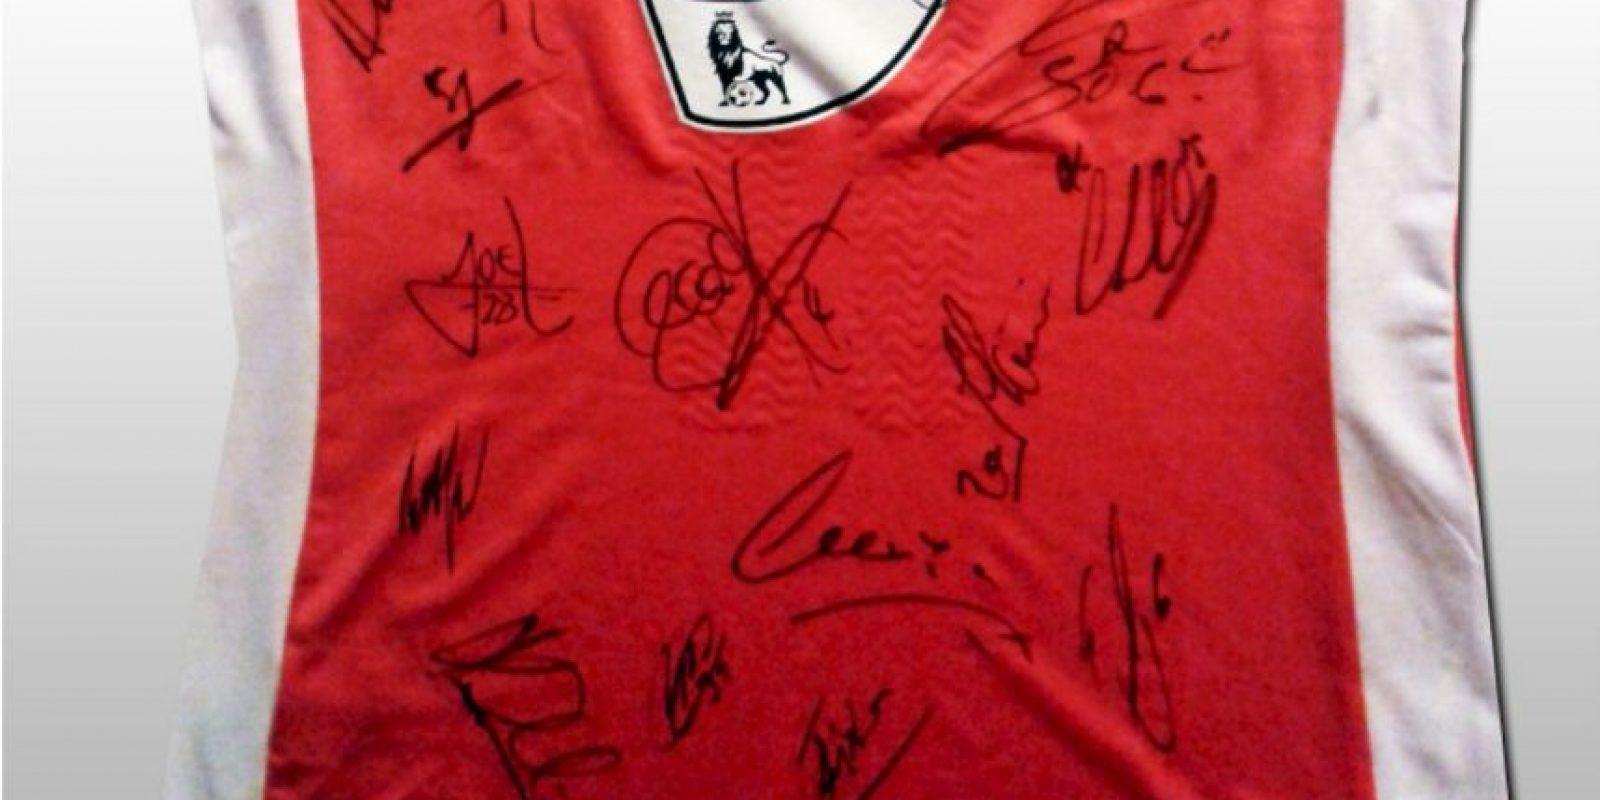 Los compañeros de Podolski la firmaron. Foto:unitedcharity.de